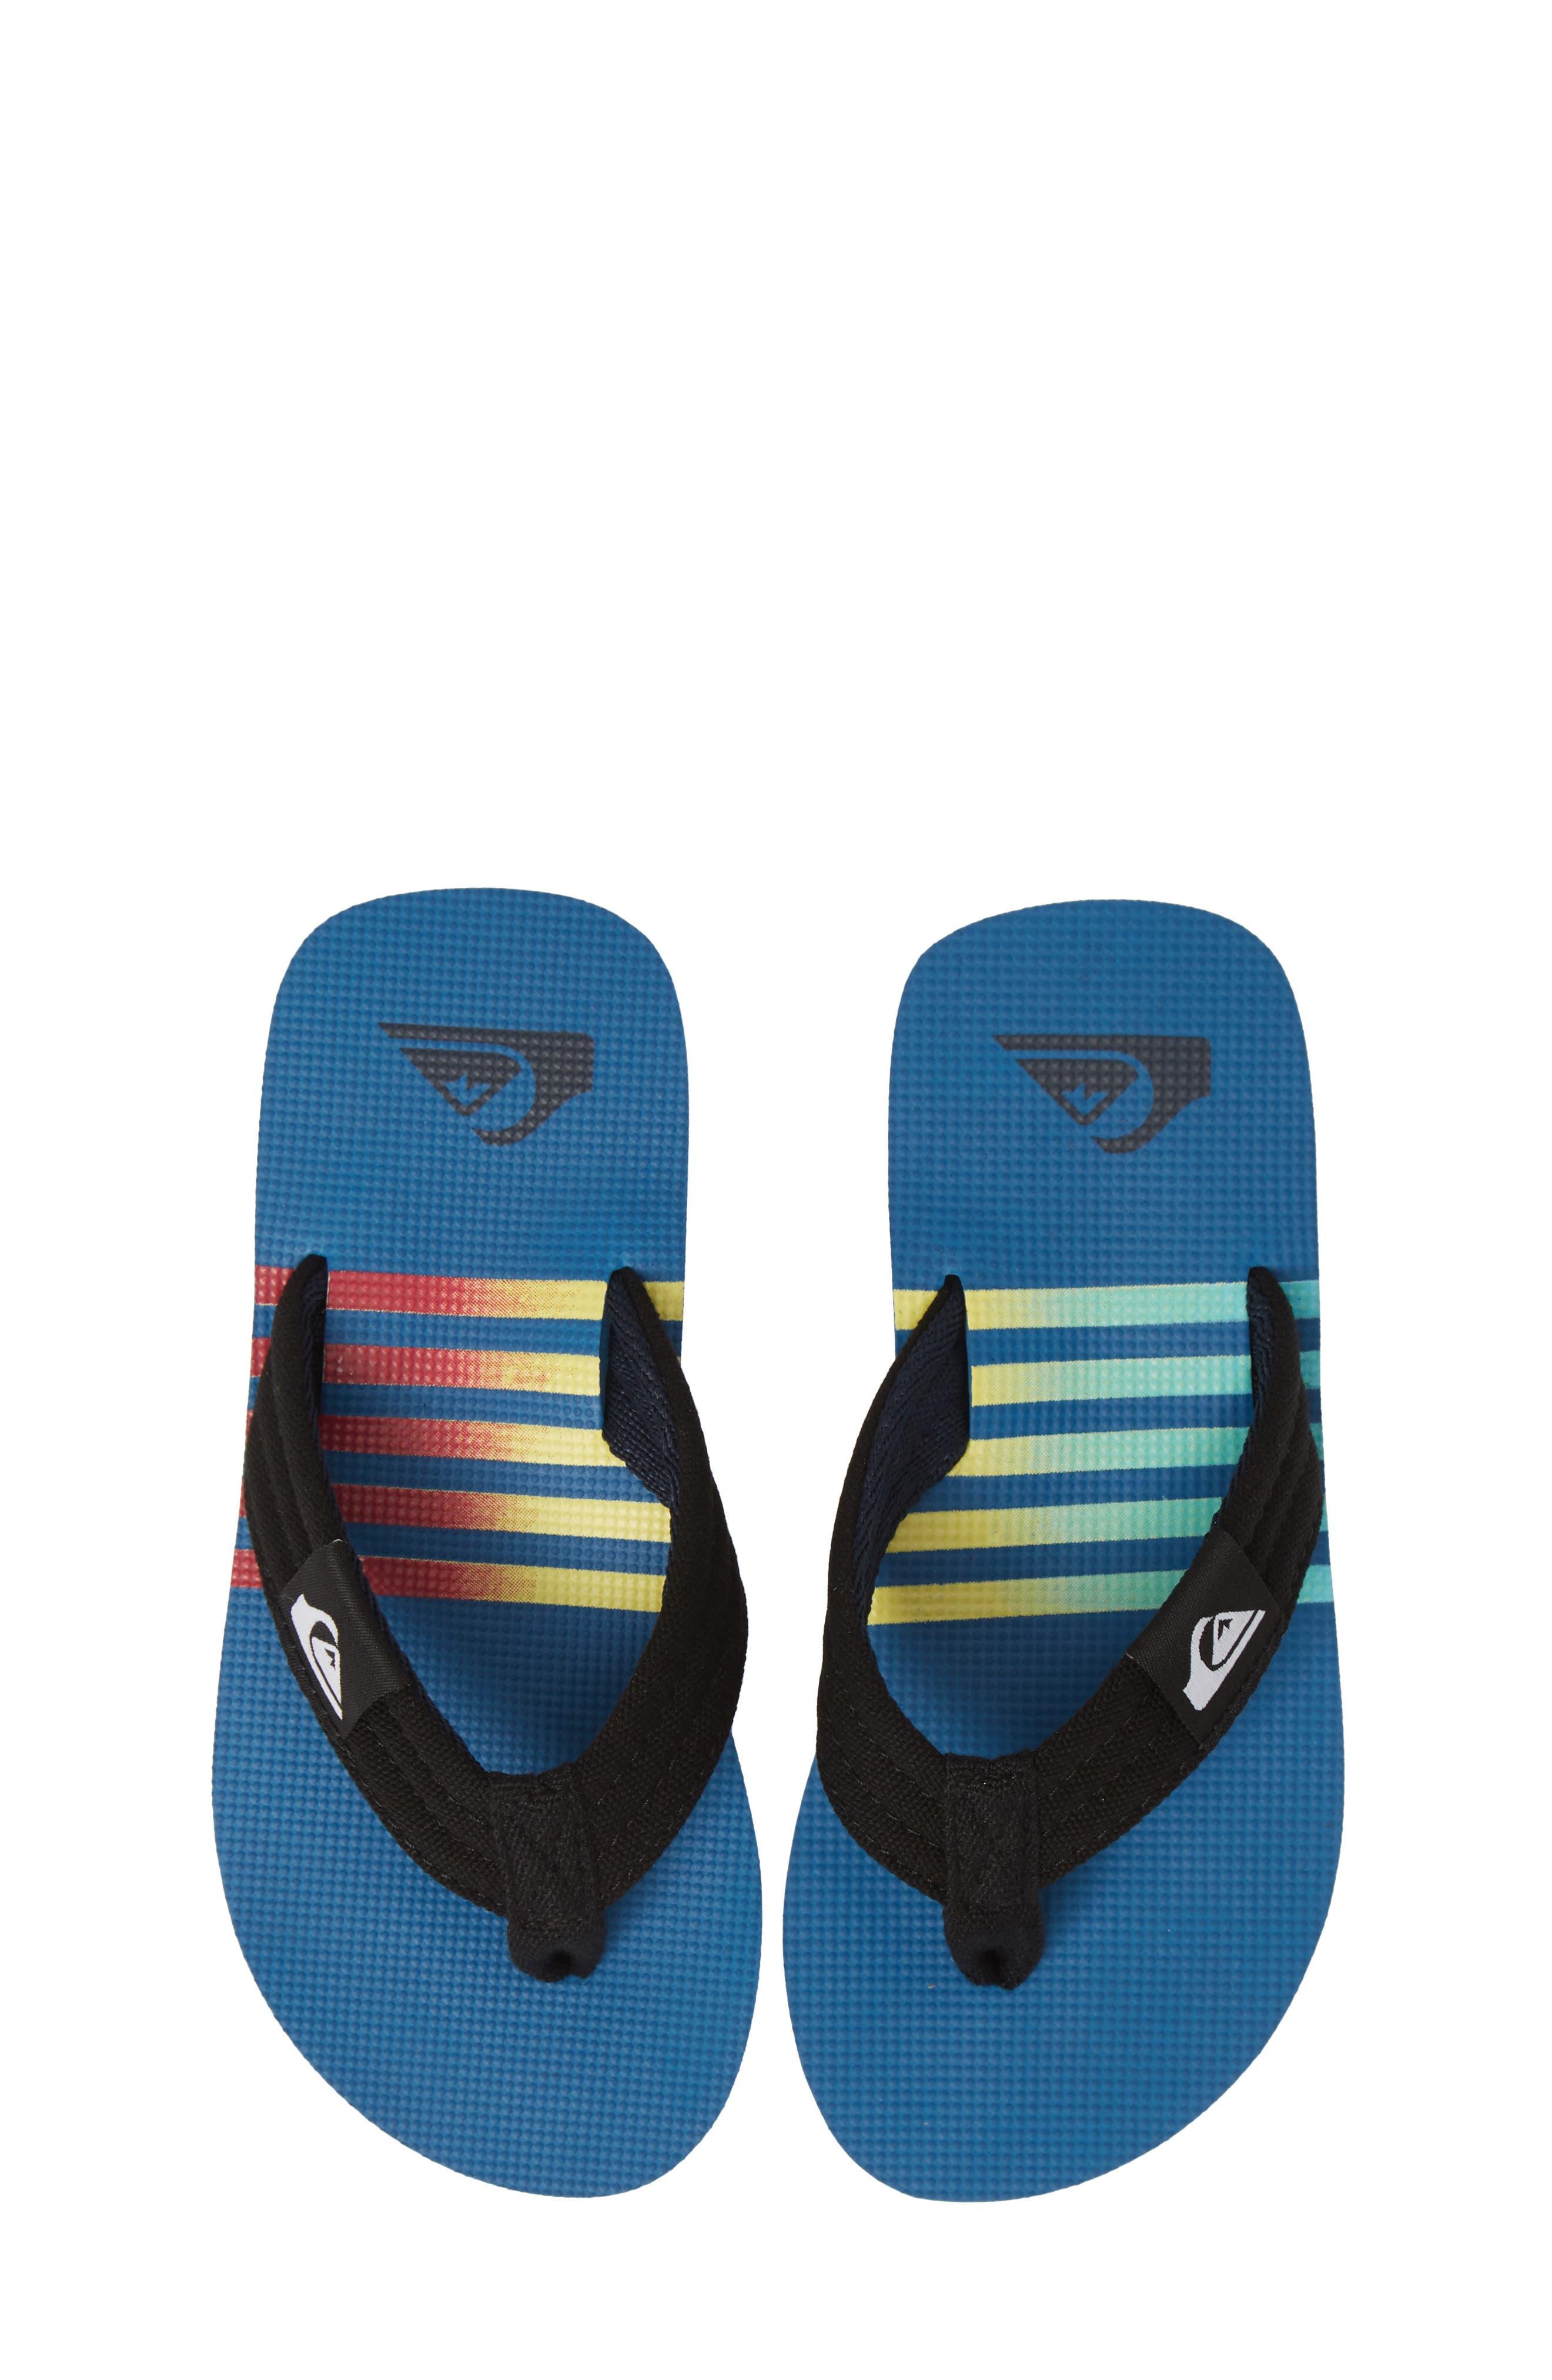 Boys Quiksilver Molokai Layback Flip Flop Size 6 M  Blue